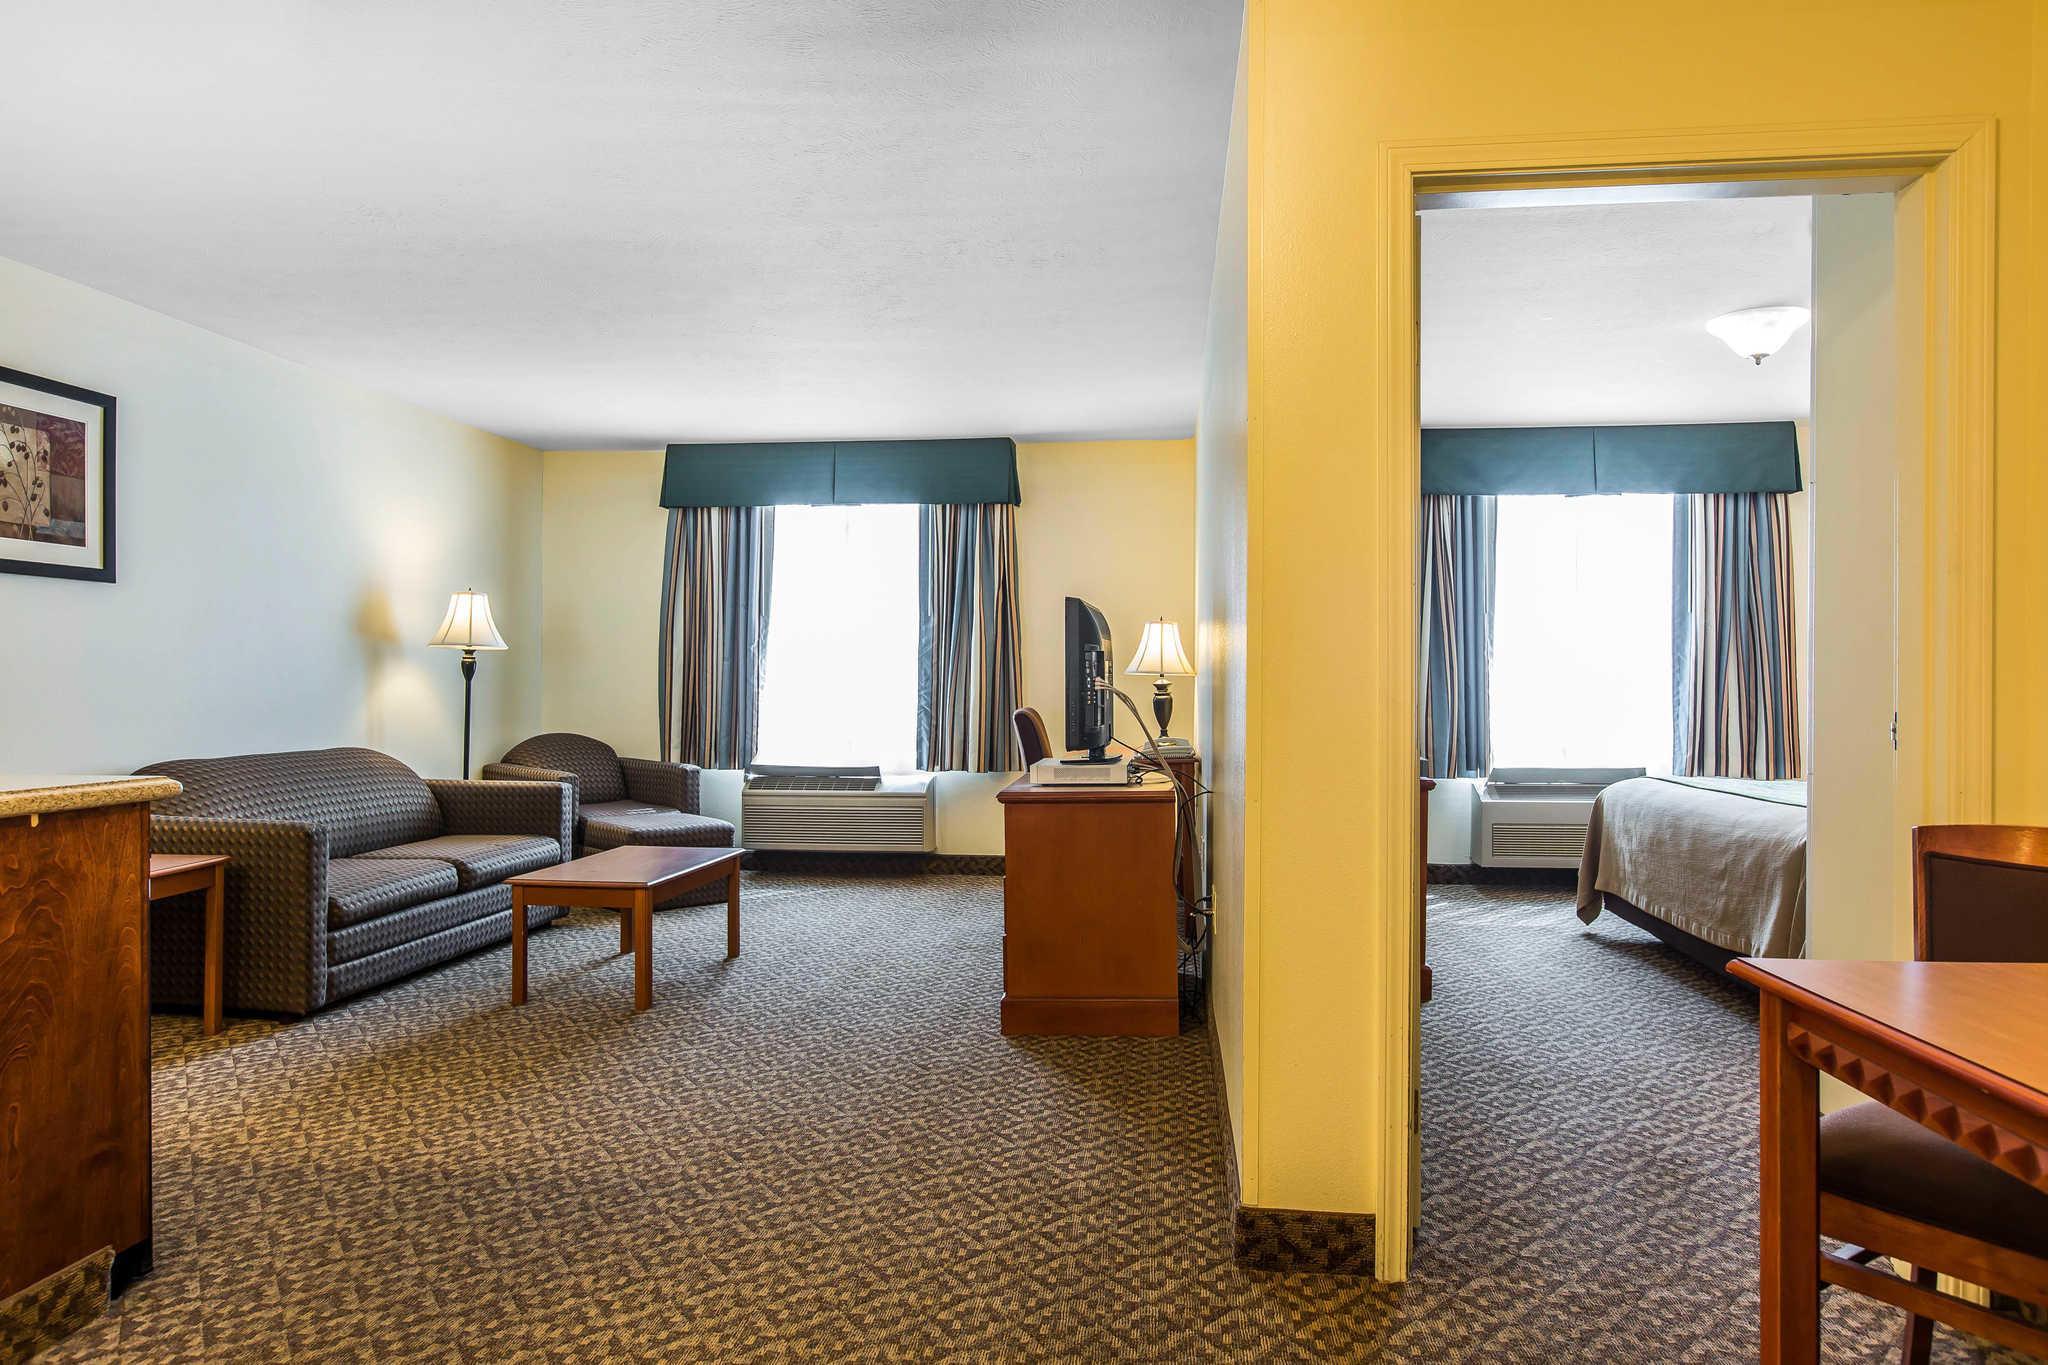 Comfort Inn & Suites El Centro I-8 image 22